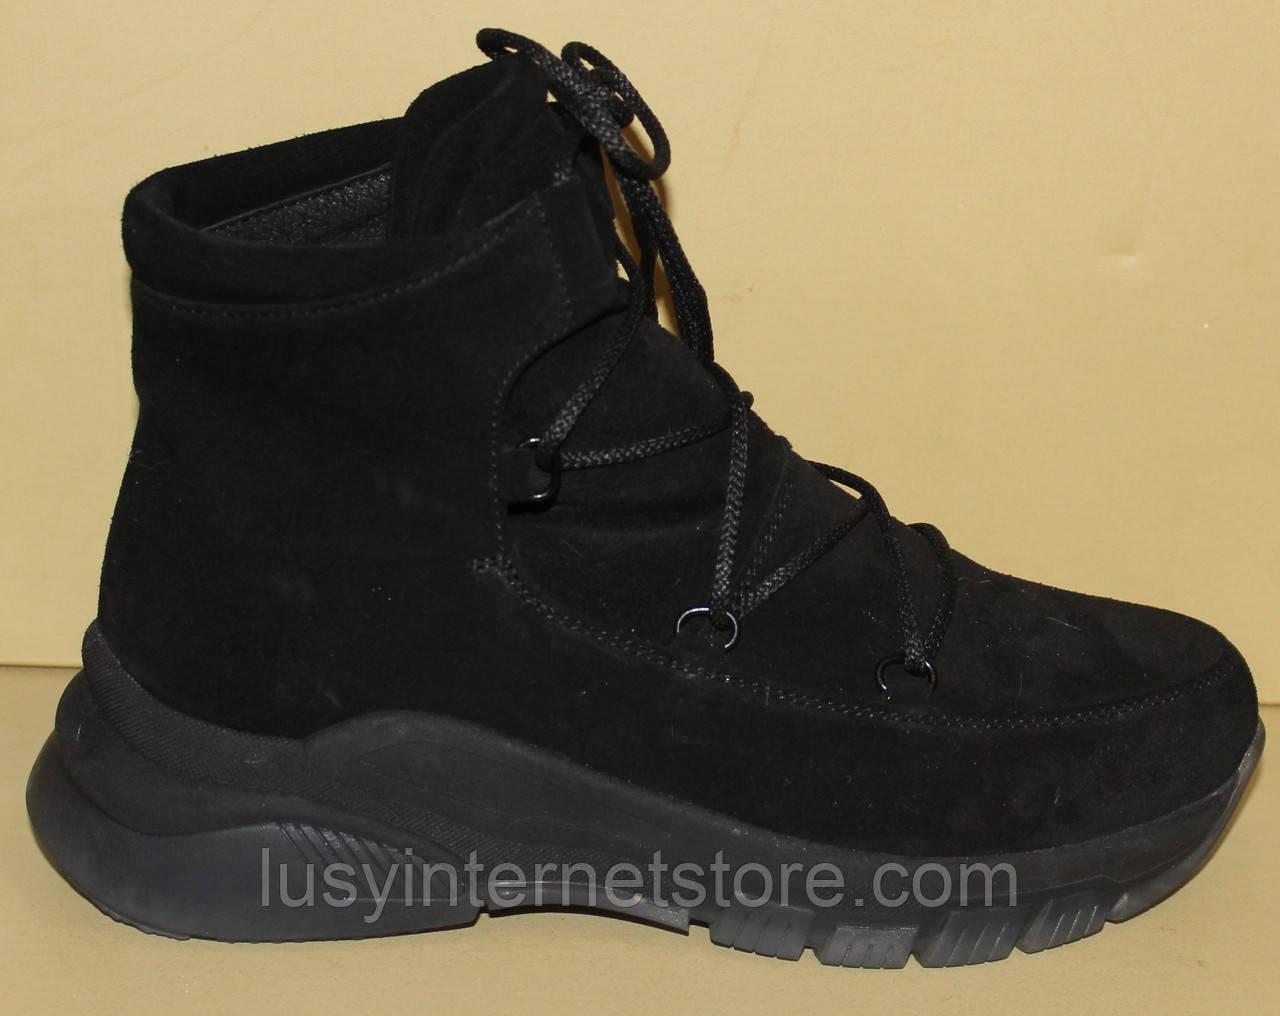 Ботинки женские зимние замшевые на платформе от производителя модель АС15